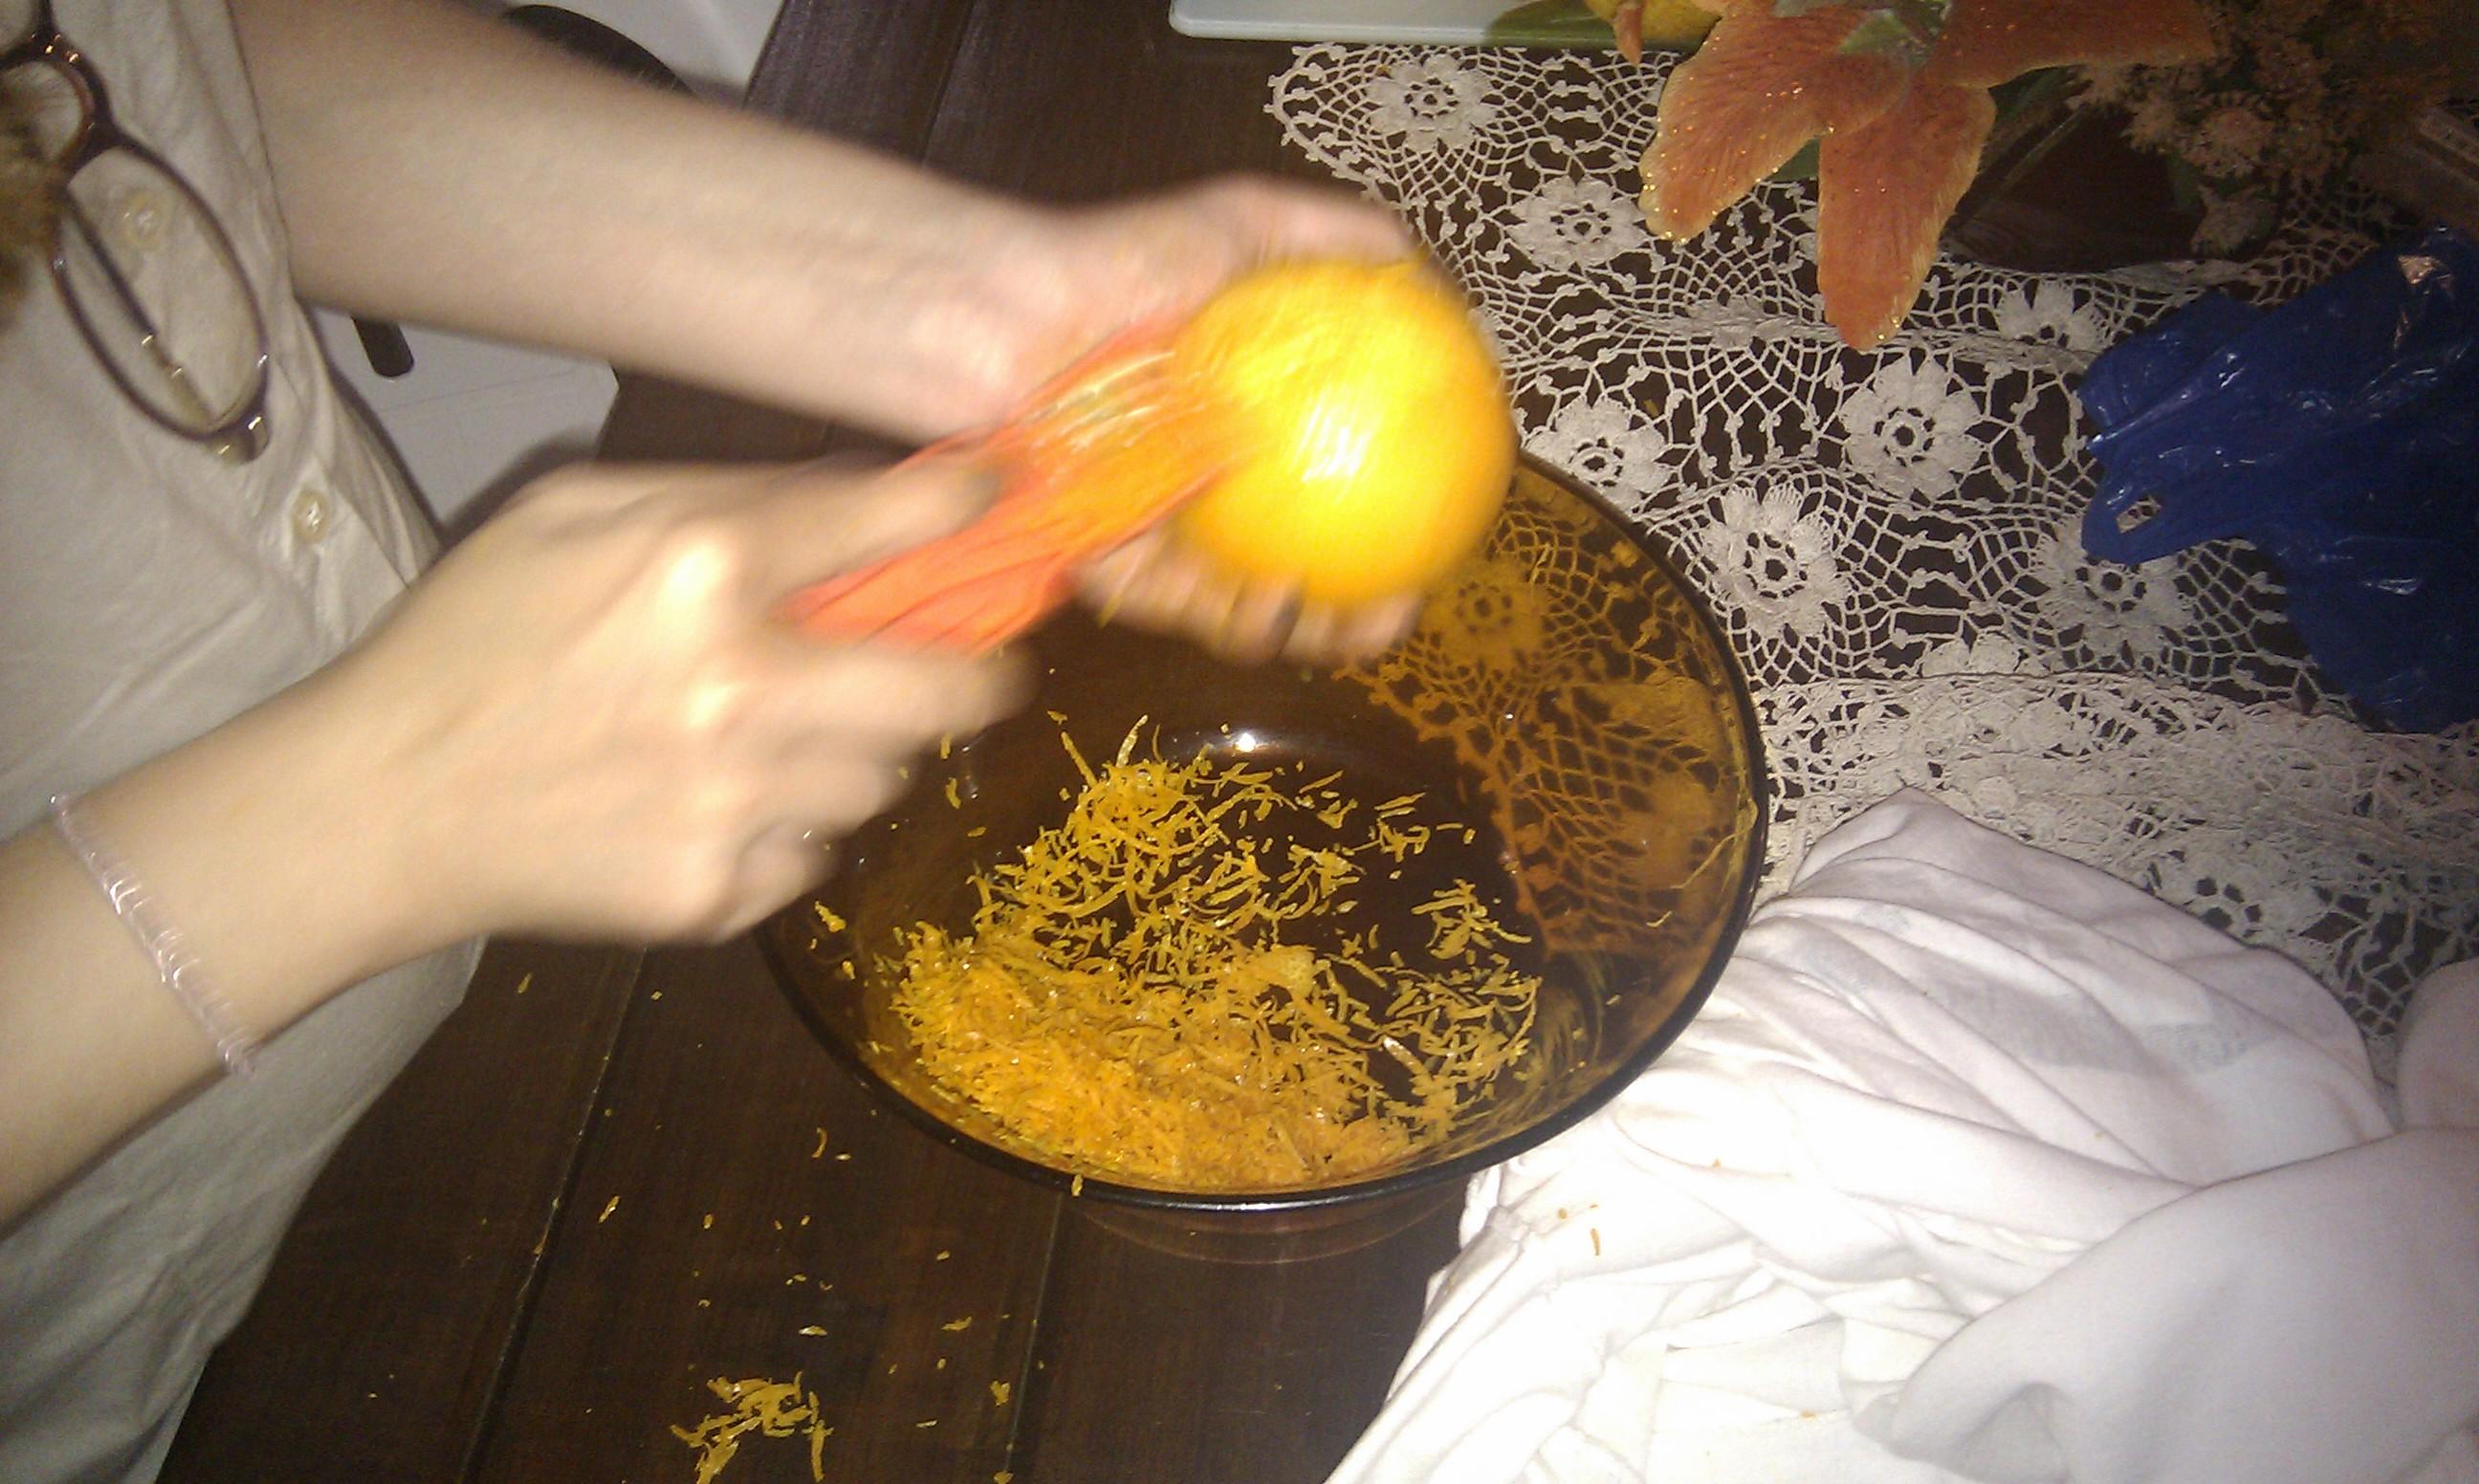 Raspas de laranja